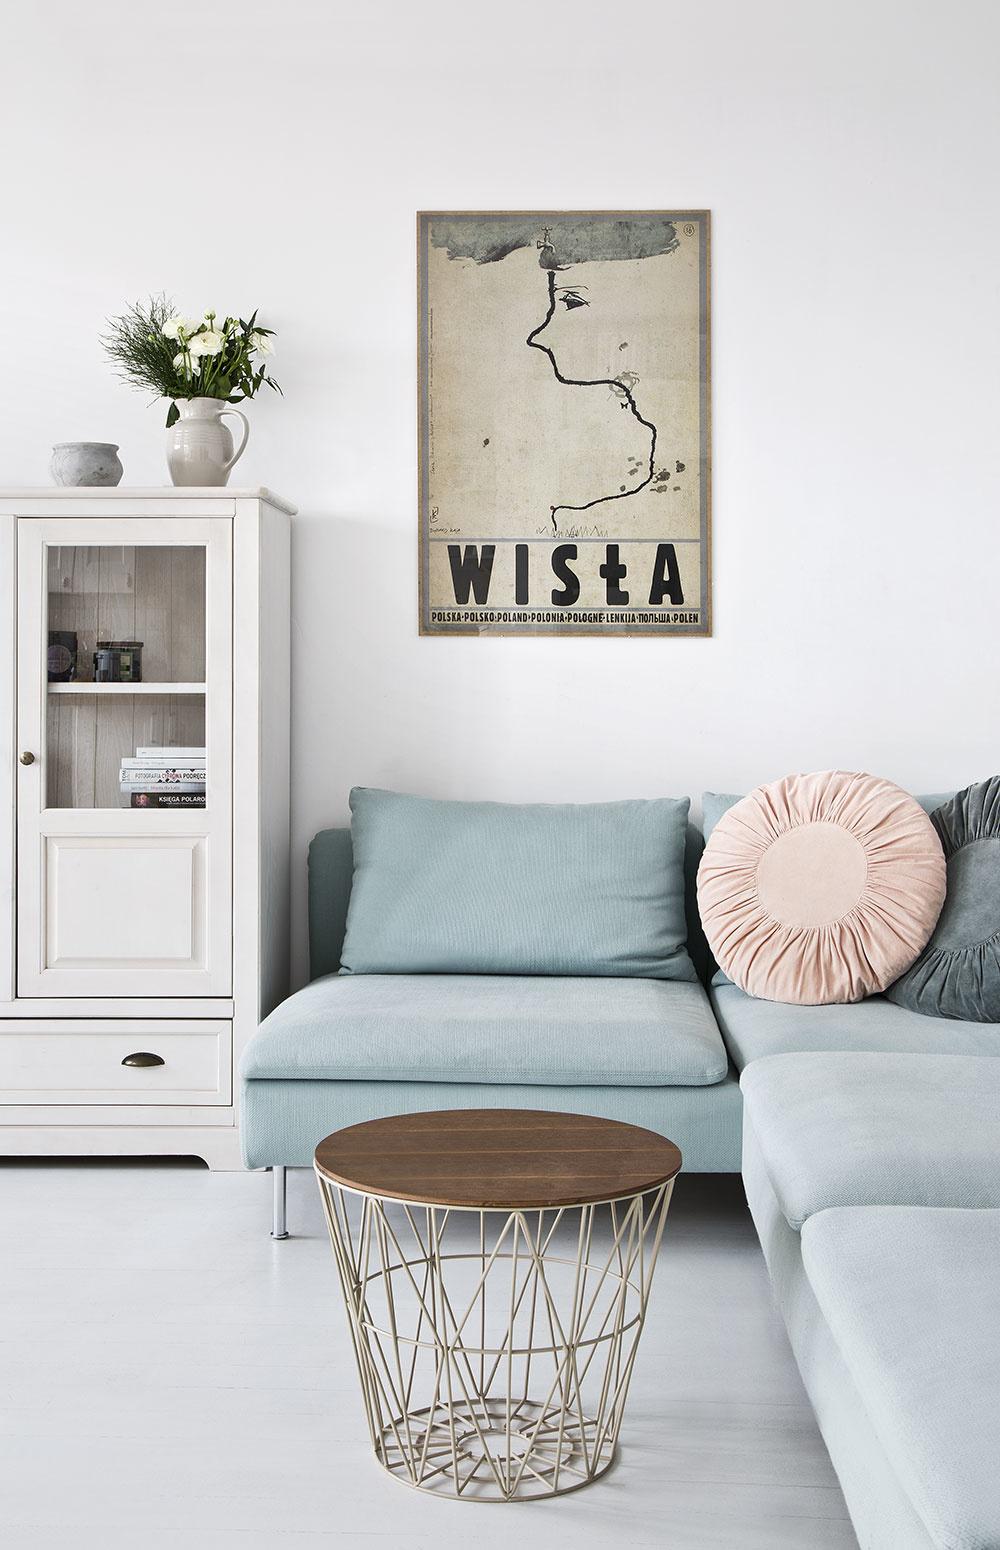 Okrem bielej prevládajú vinteriéri aj pastelové odtiene. Natrafíte na ne nielen vdetskej izbe, ale aj obývačke. Pastelová modrá spolu sružovou pôsobí nevtieravo azároveň táto farebná dvojkombinácia vnáša do priestoru teplo domova.